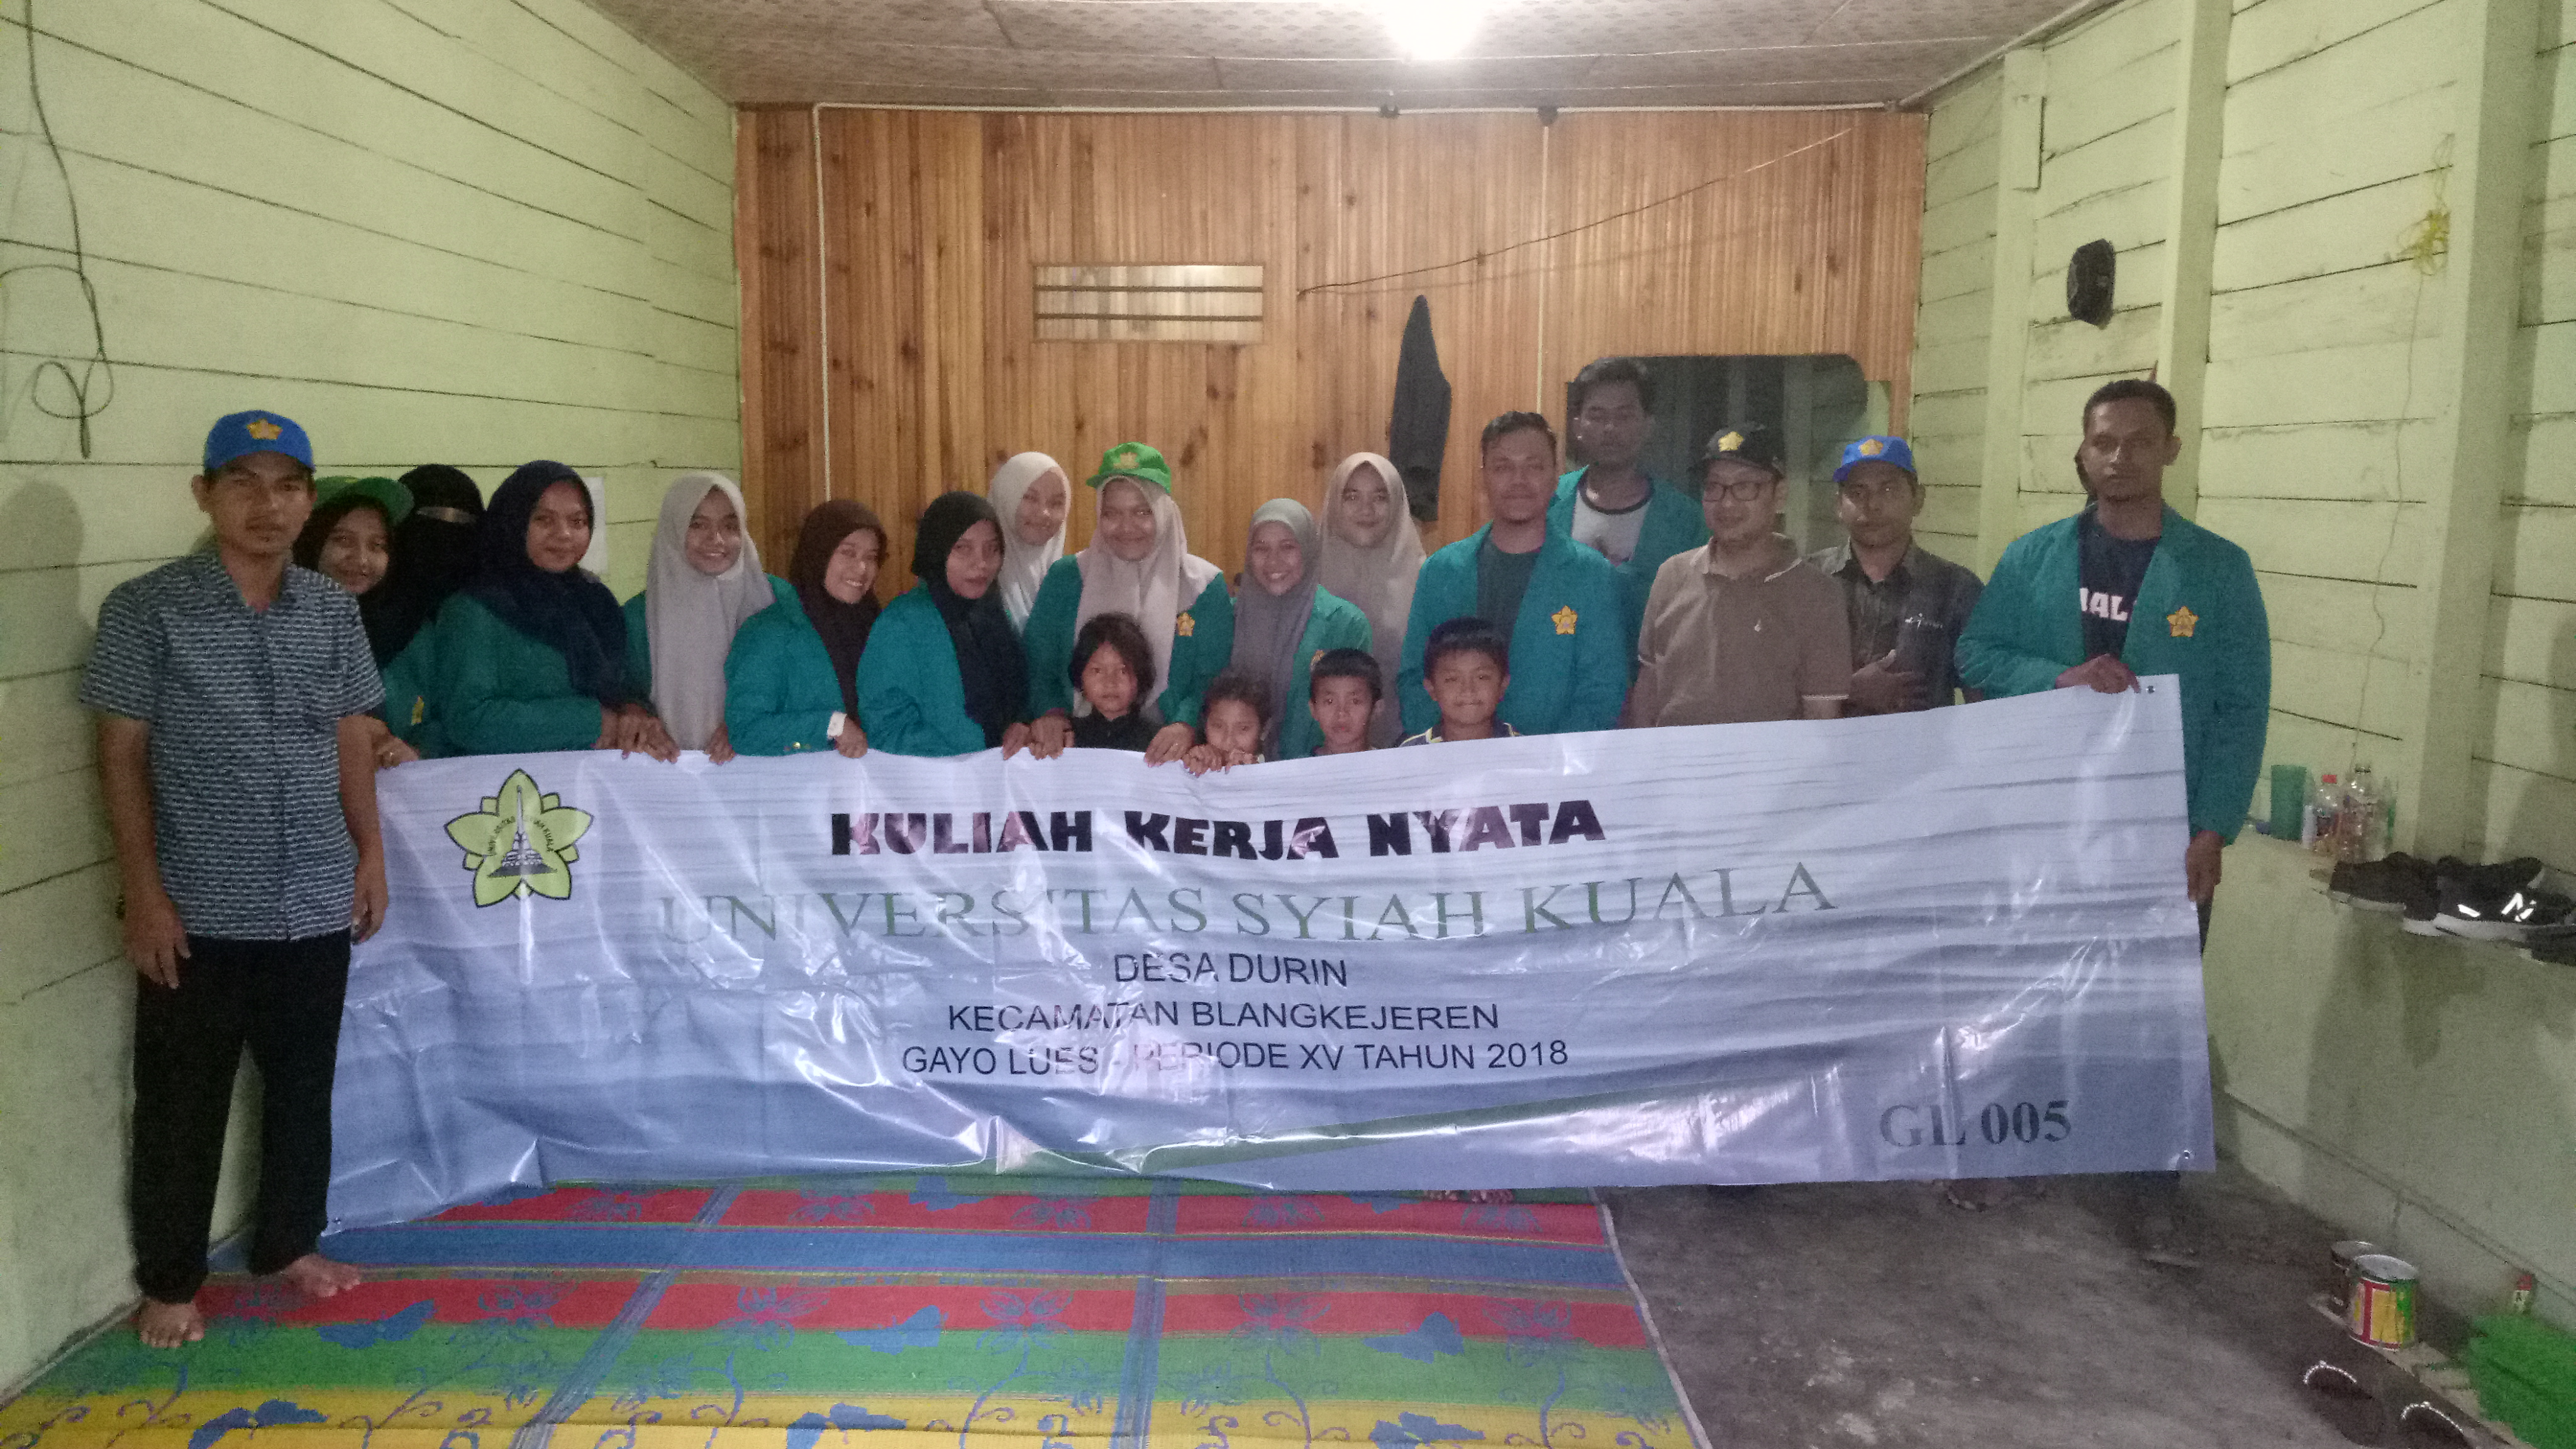 Kunjungan DPL ke Posko Kelompok KKN Gl005